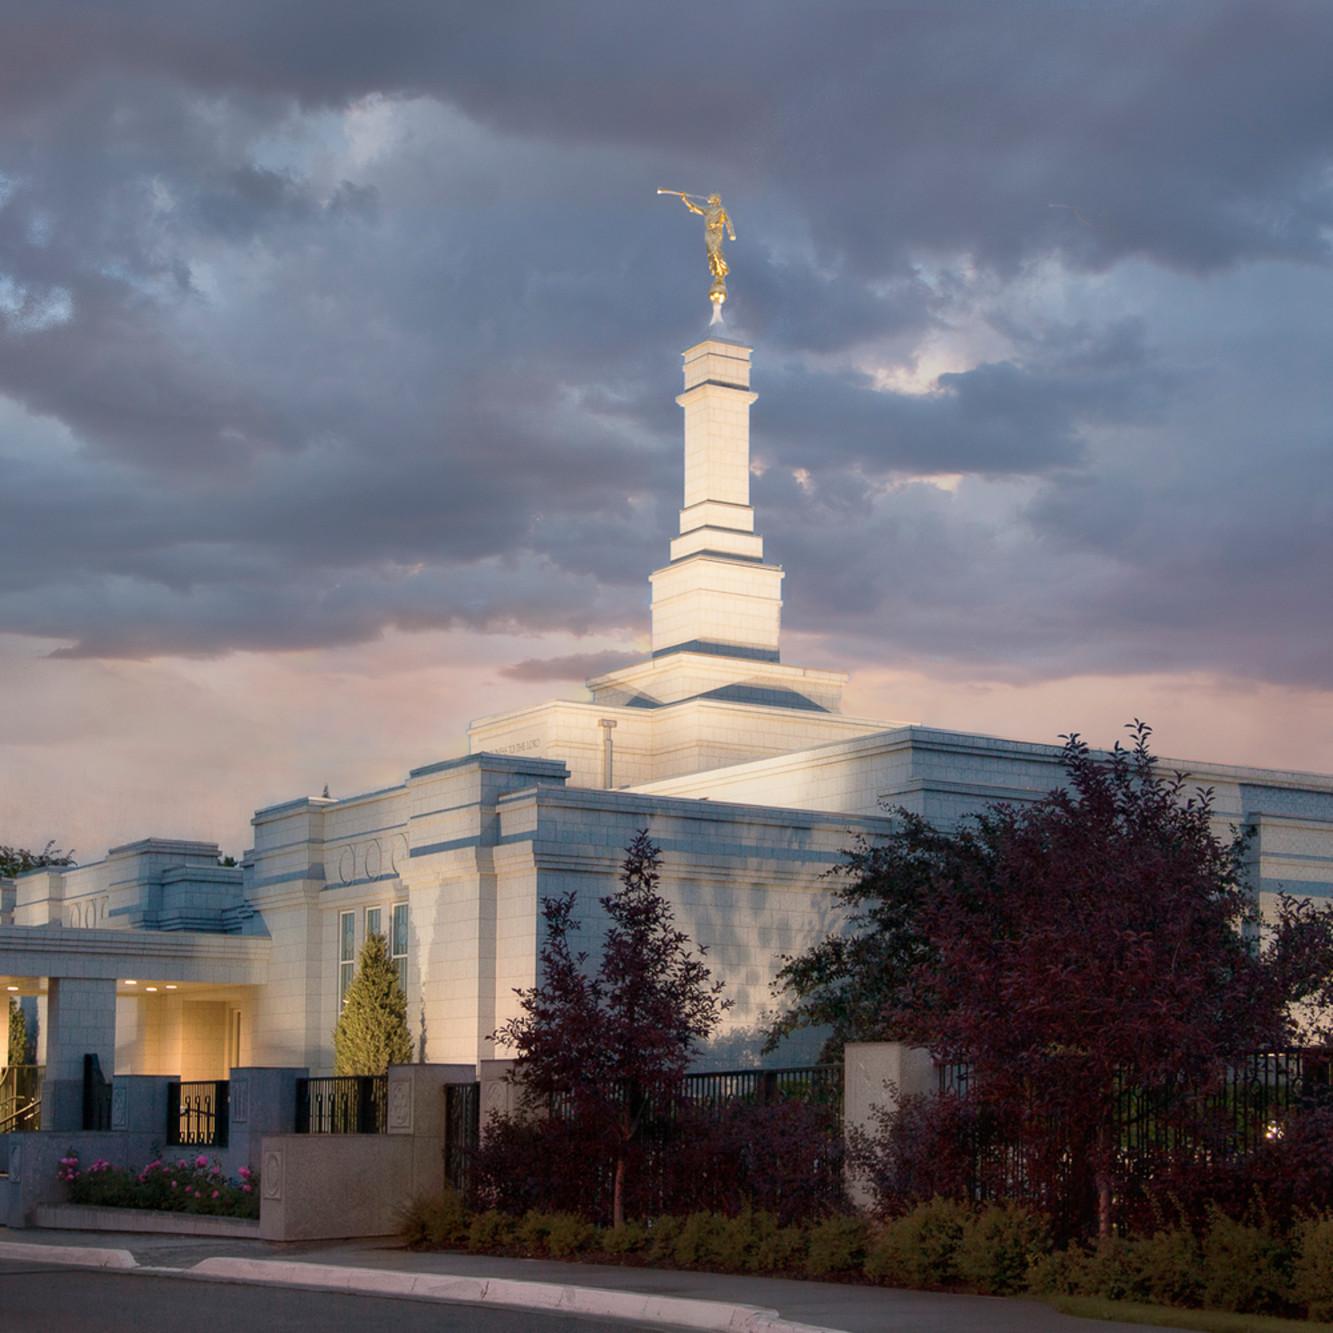 Robert a boyd edmonton temple stormy sky zclb4x